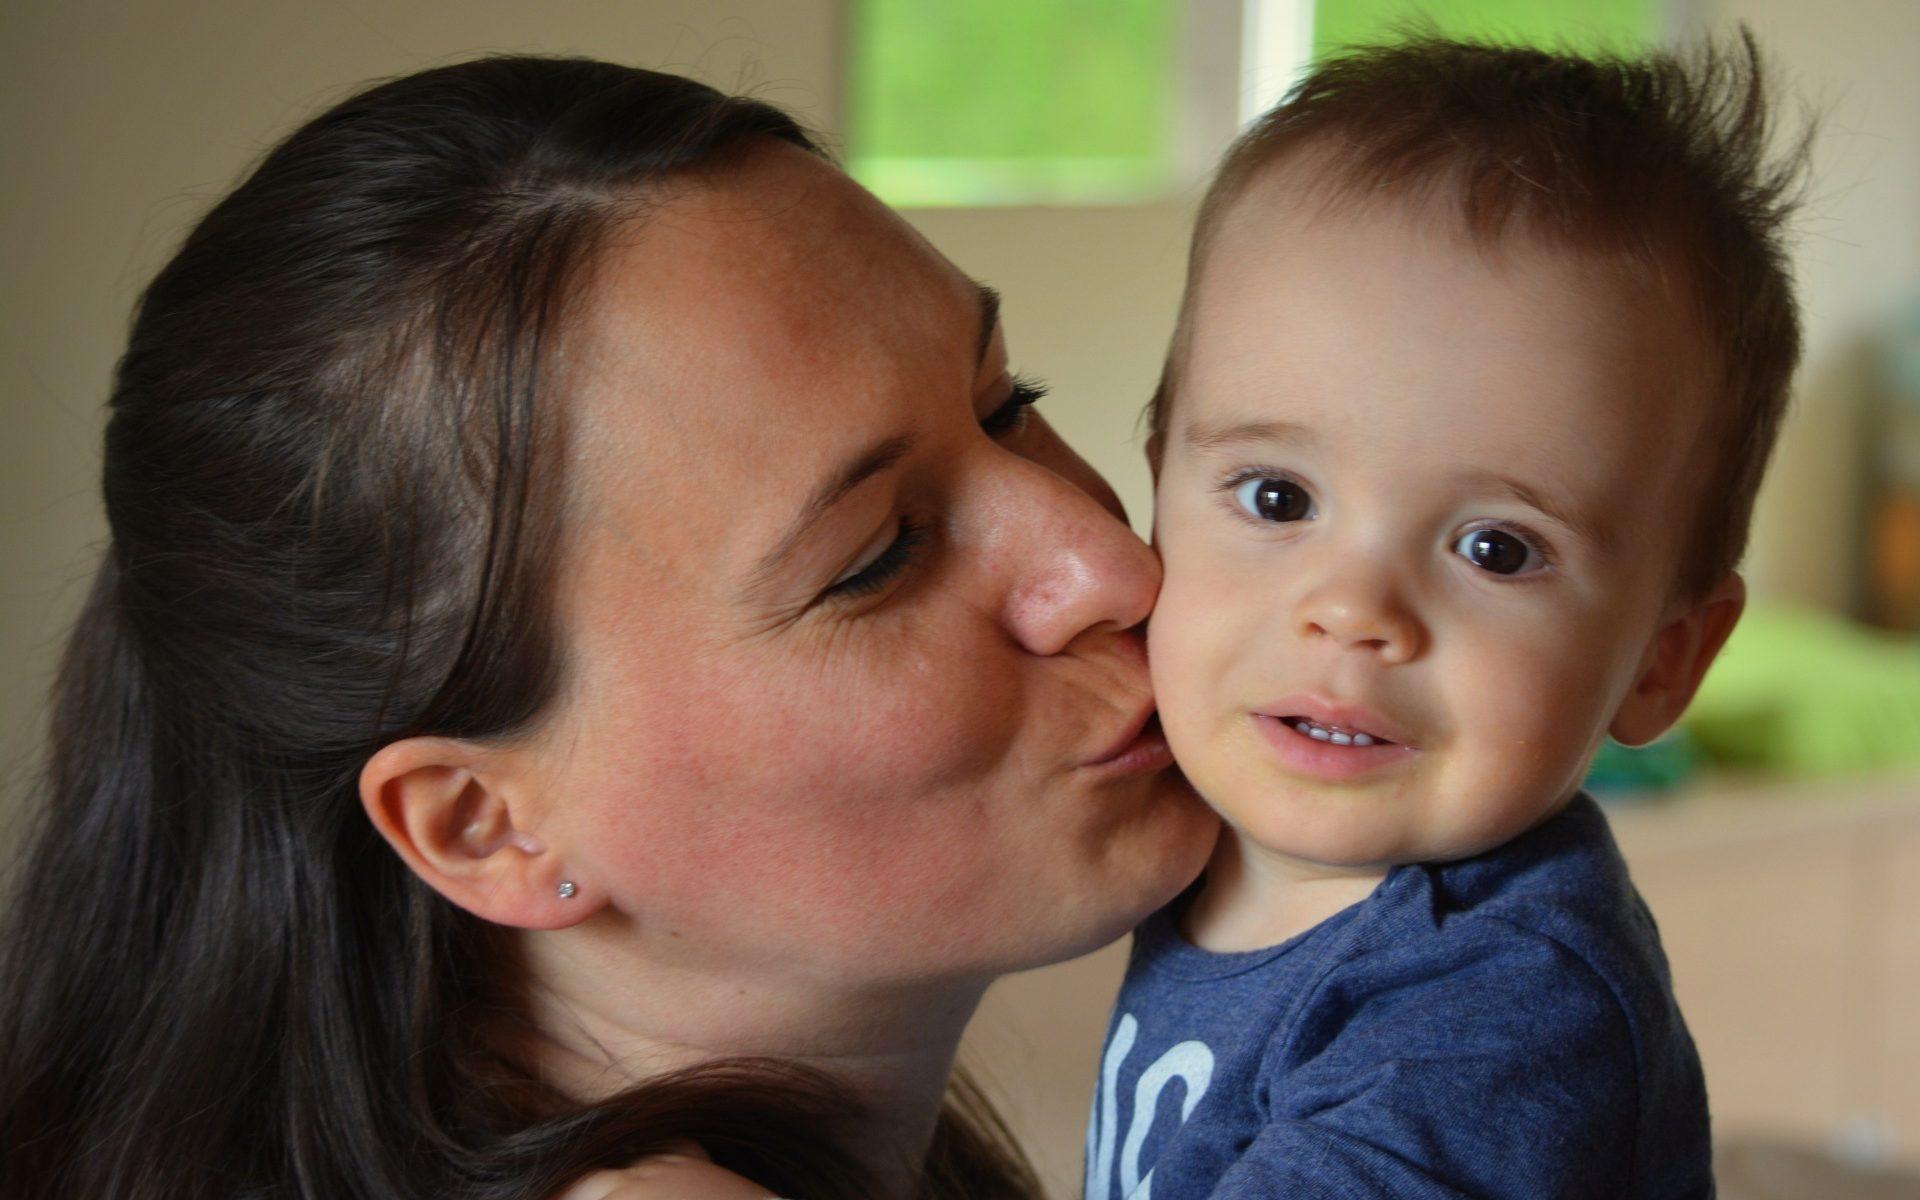 dziecko pocalunek słone dzieci